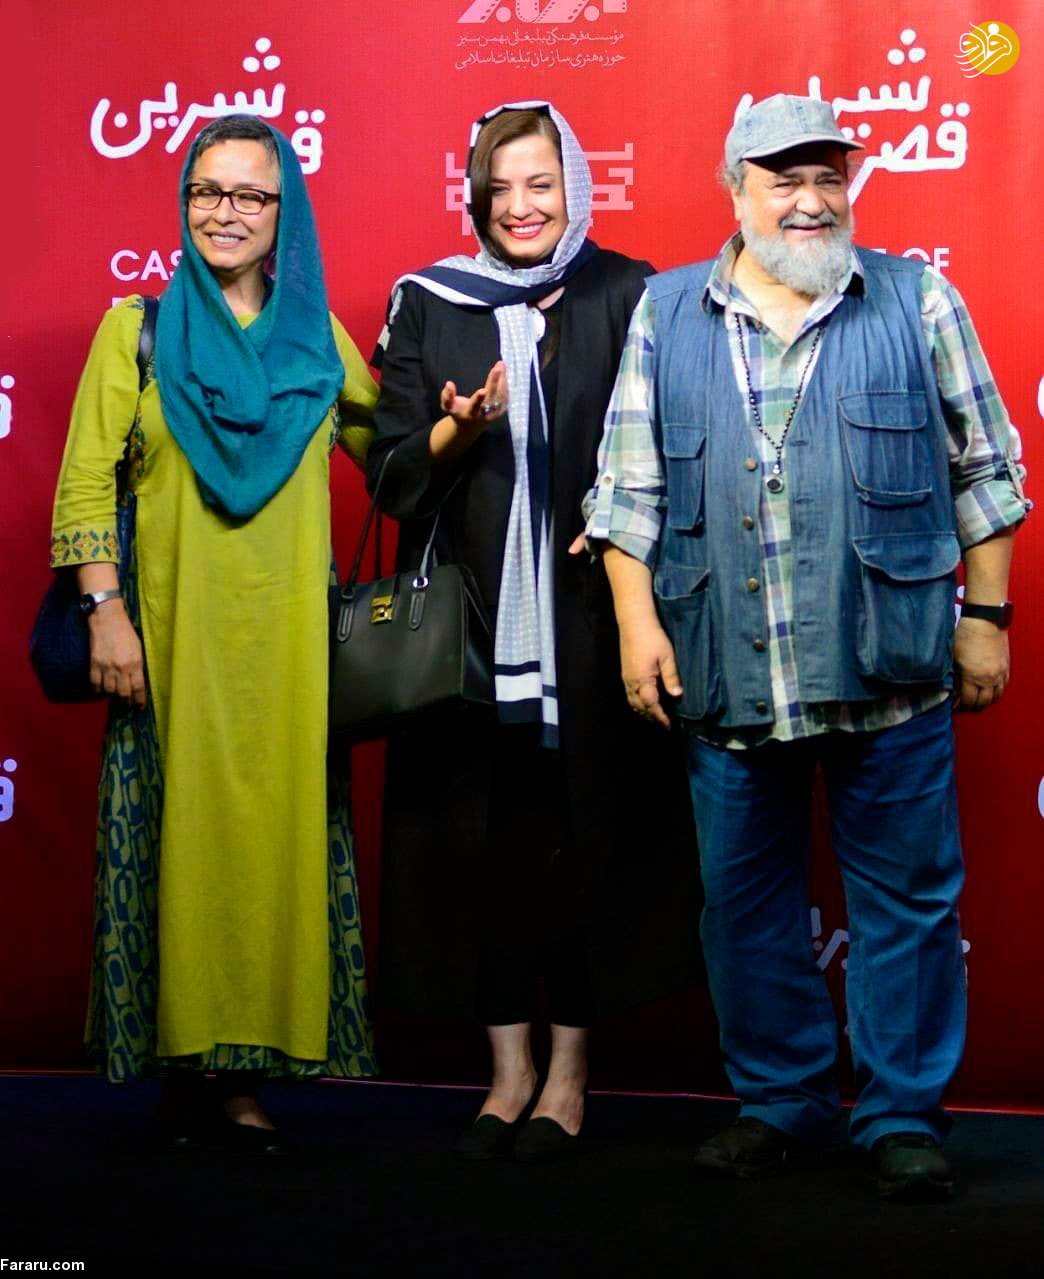 (تصاویر) طلاق موفق در خانواده شریفینیا؛ محمدرضا شریفینیا و همسرش بعد از جدایی!